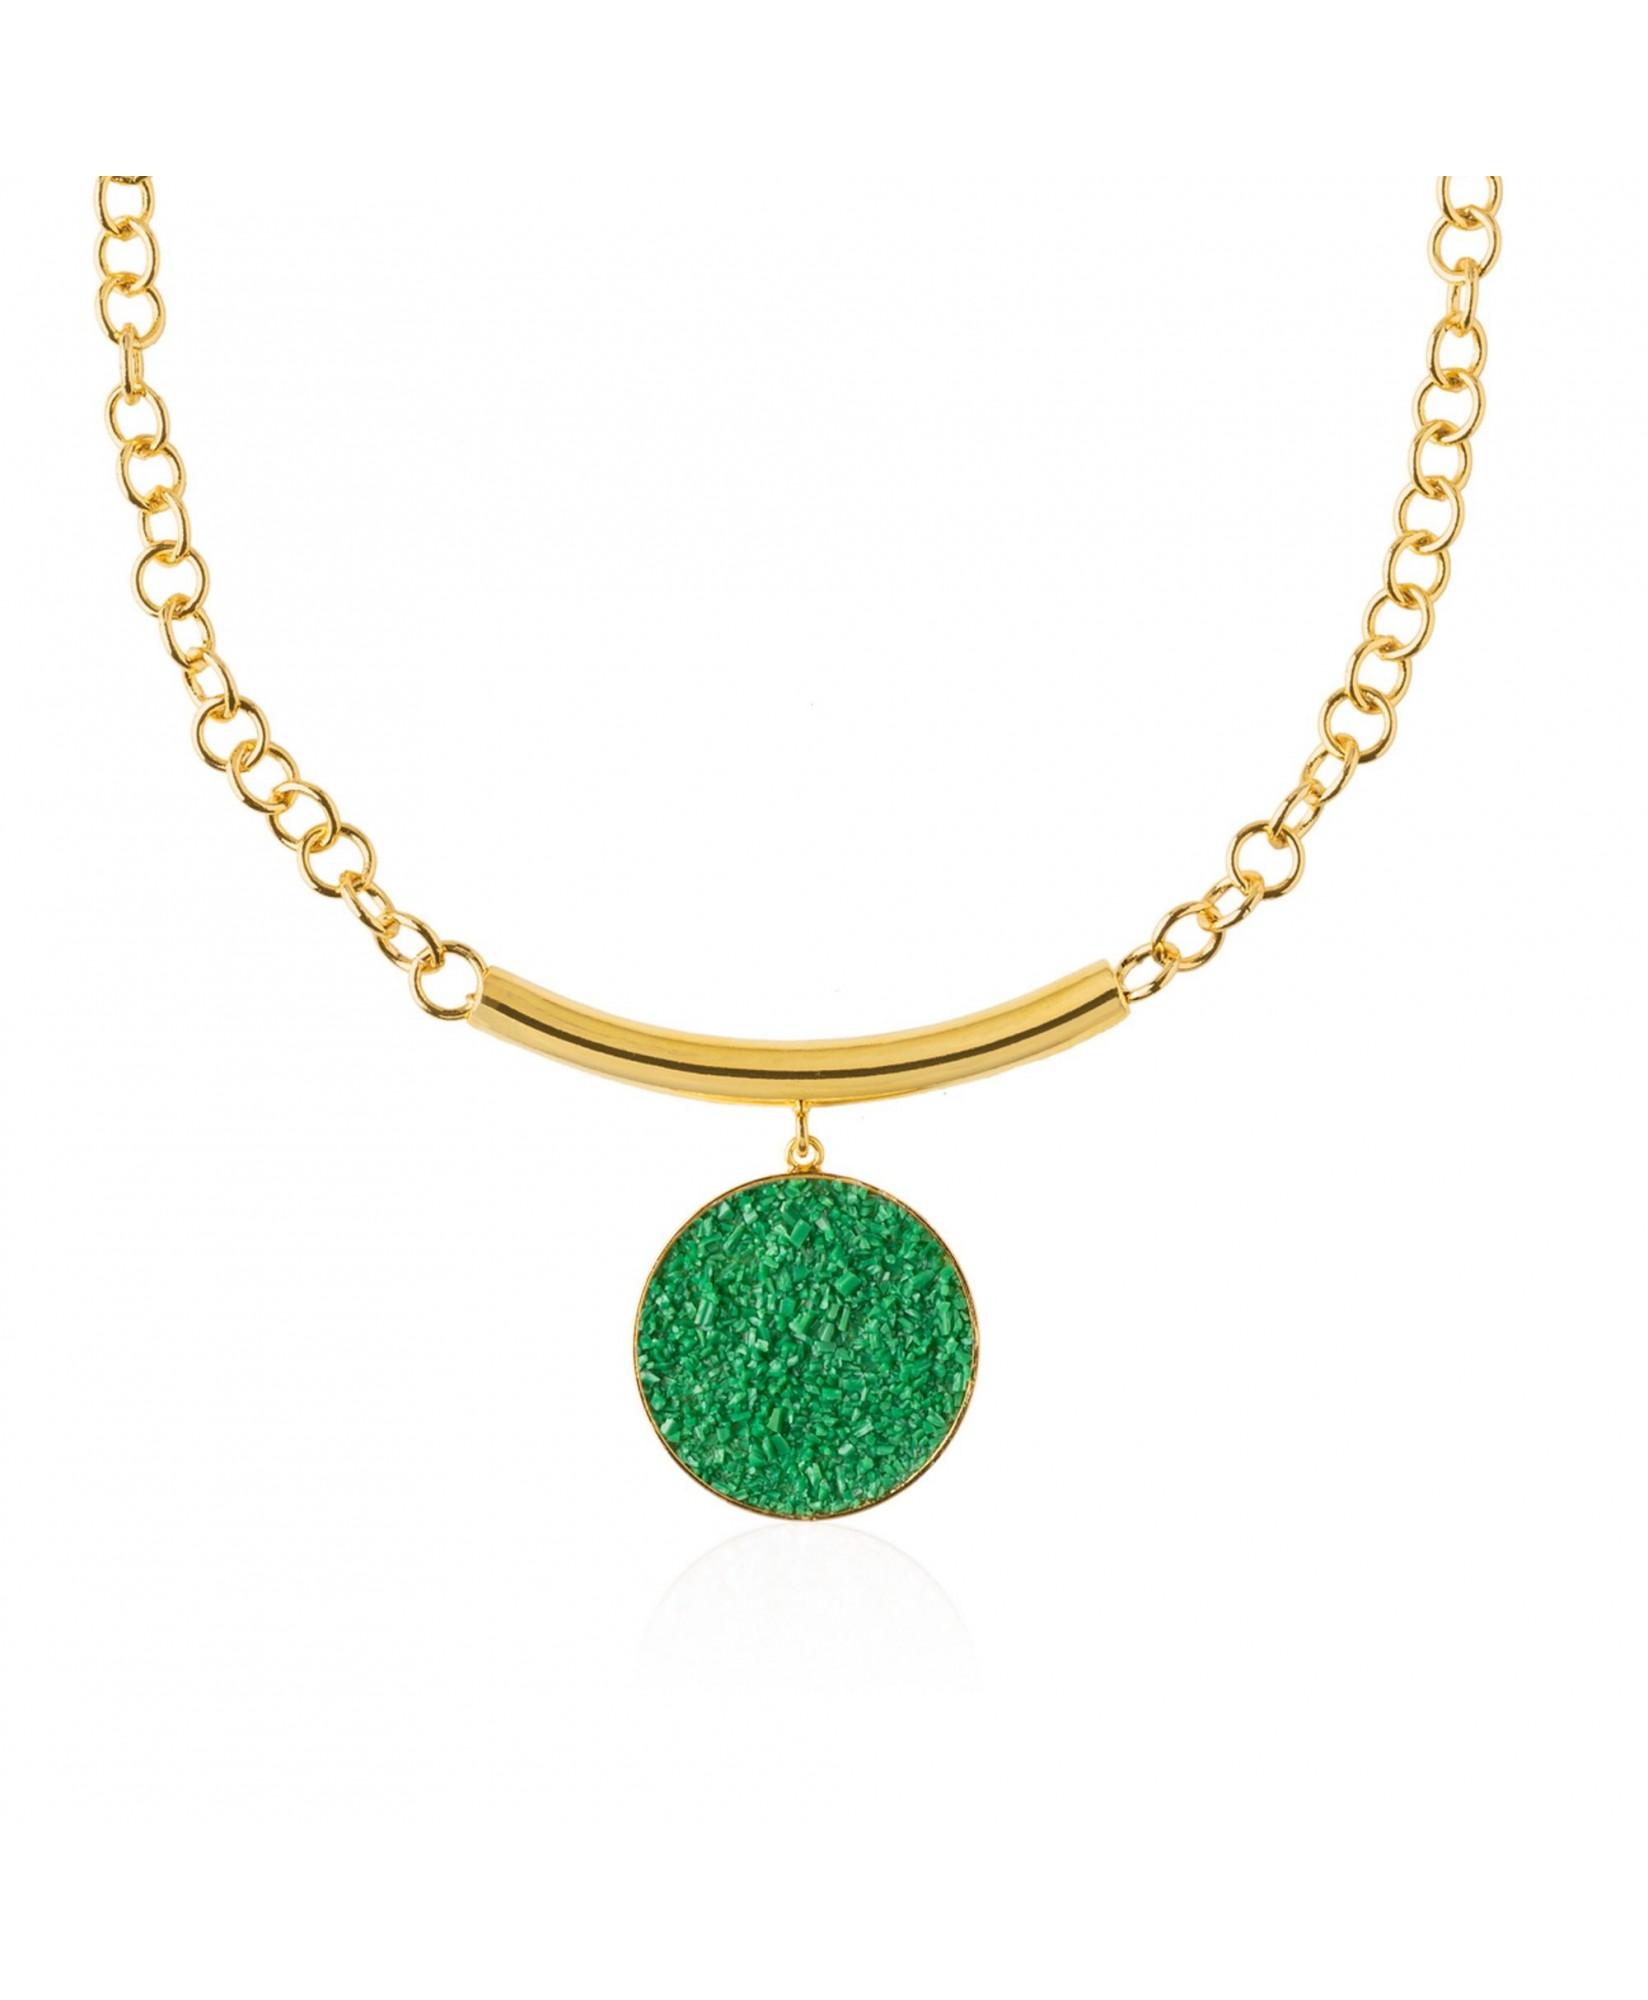 Collar oro Demeter con colgante de nácar verde Collar oro Demeter con colgante de nácar verde